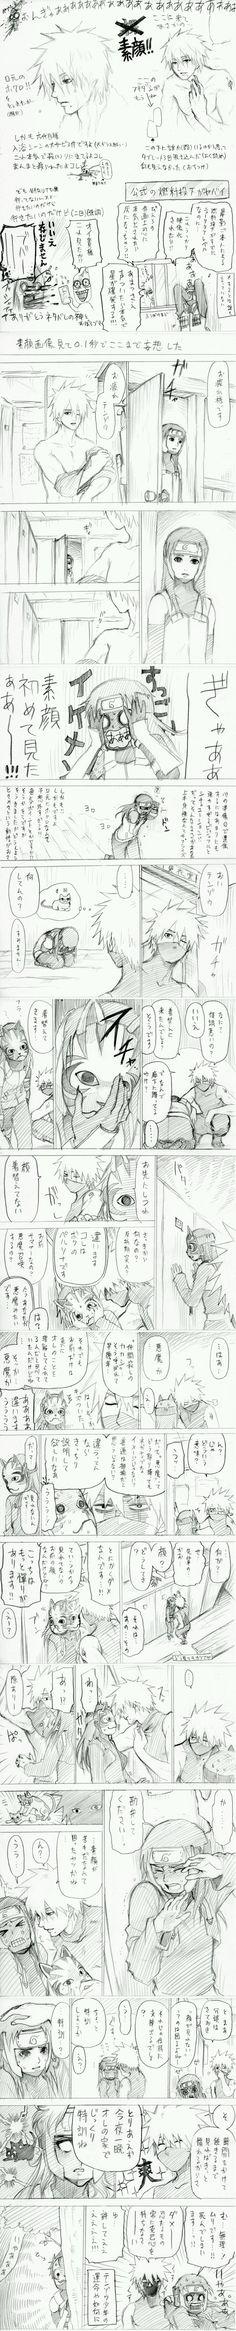 Tenzo(Yamato/Kinoe) saw Kakashi Senpai without his mask Naruto Shippuden, Boruto, Shikatema, Sasunaru, Naruhina, Hinata, Kakashi Sensei, Sasuke, Geeks